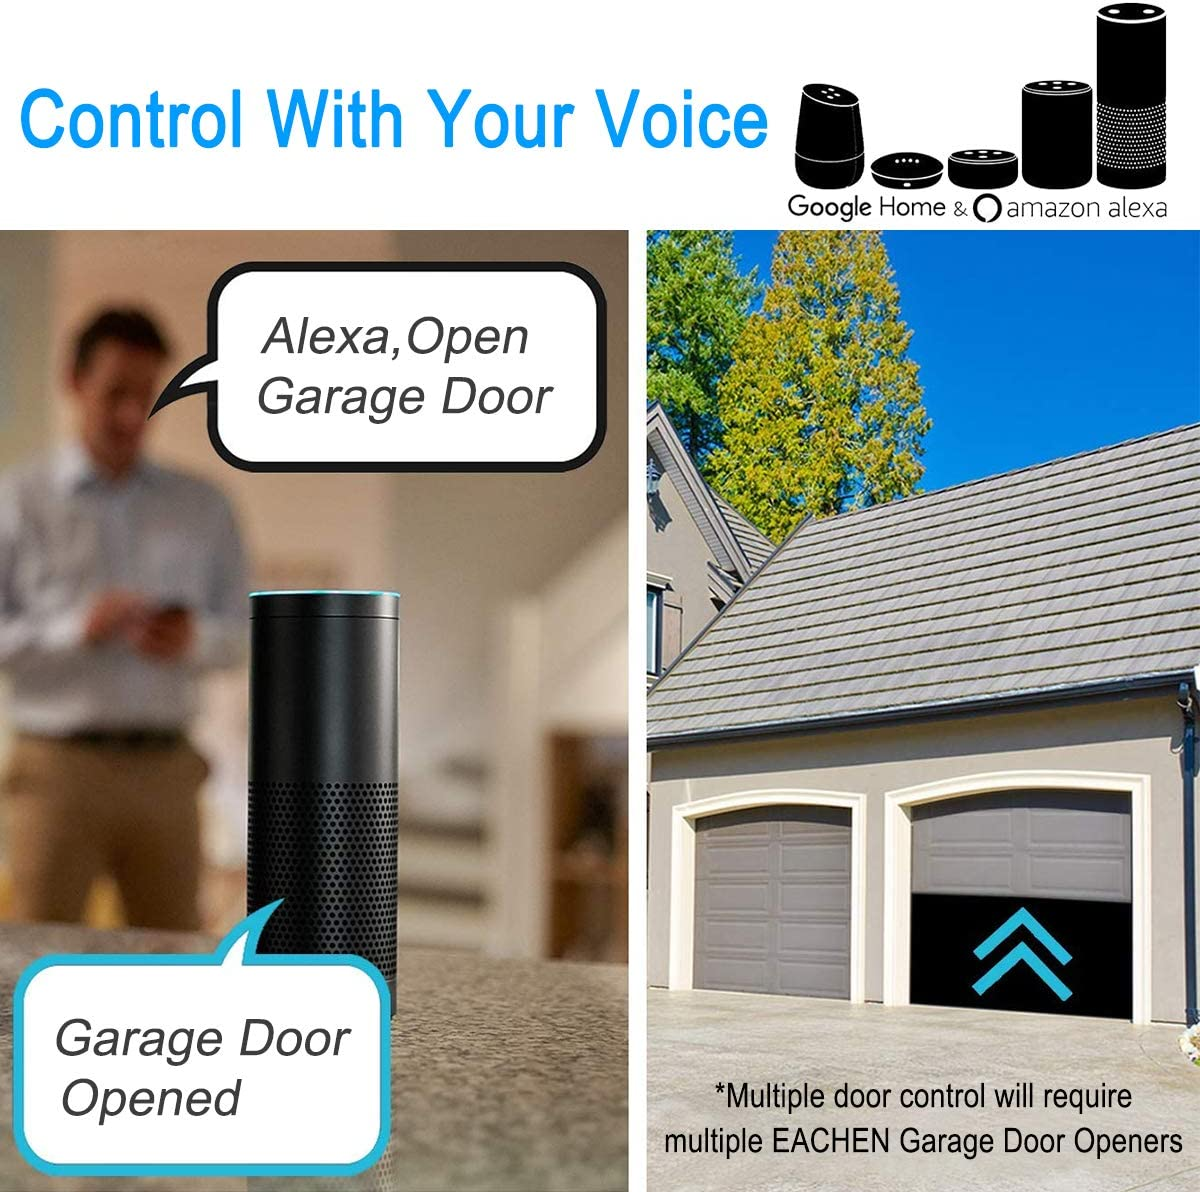 EACHEN Controlador de Puerta de Garaje WiFi funciona con Alexa/Google Home/Ewelink APP/IFTTT, Controle la Puerta de su Garaje desde cualquier parte del mundo: Amazon.es: Bricolaje y herramientas